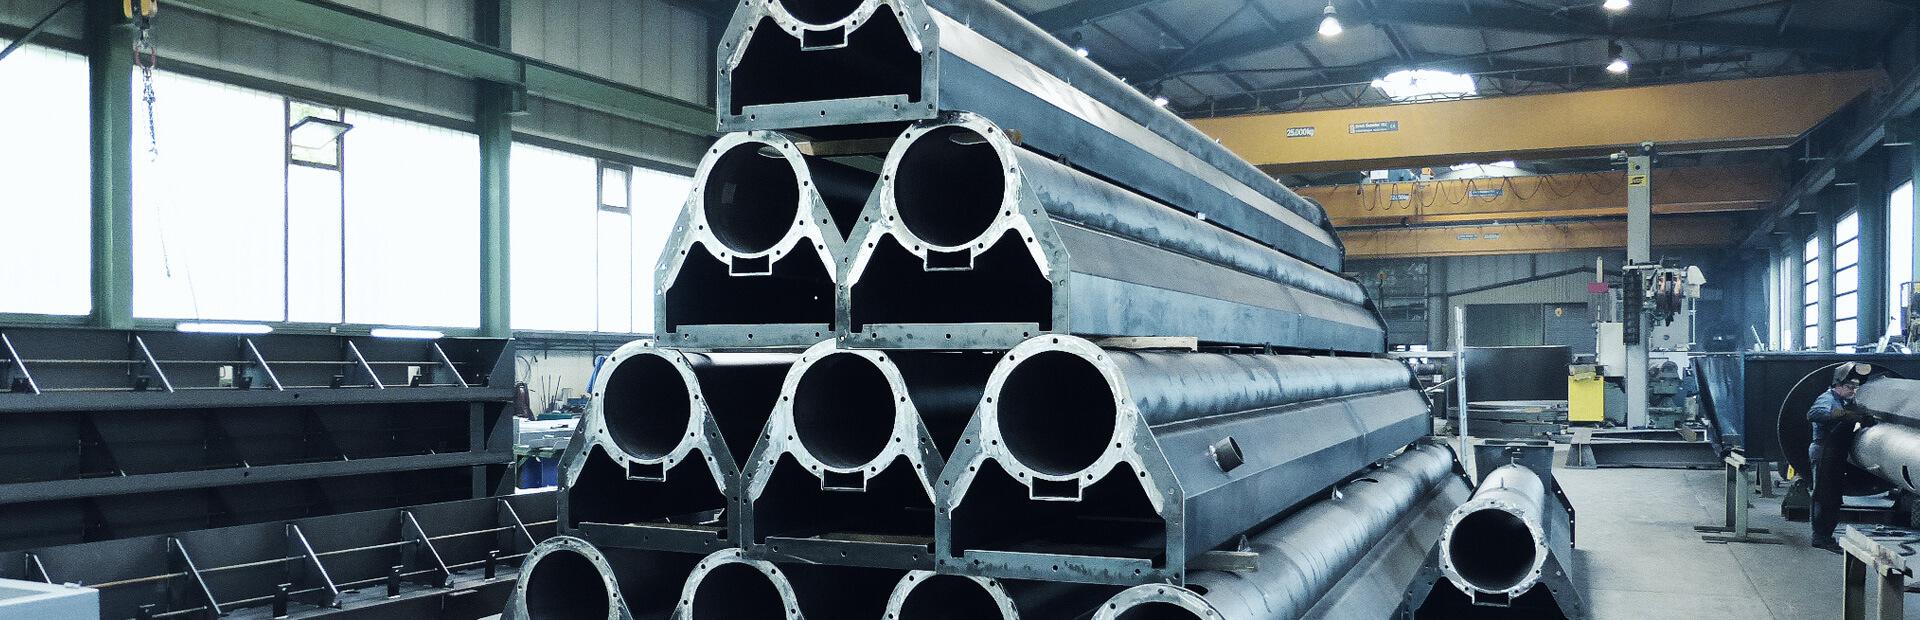 Anlagenbau: Dickwandige Schweißkonstruktionen, Umhausungen aus Blech